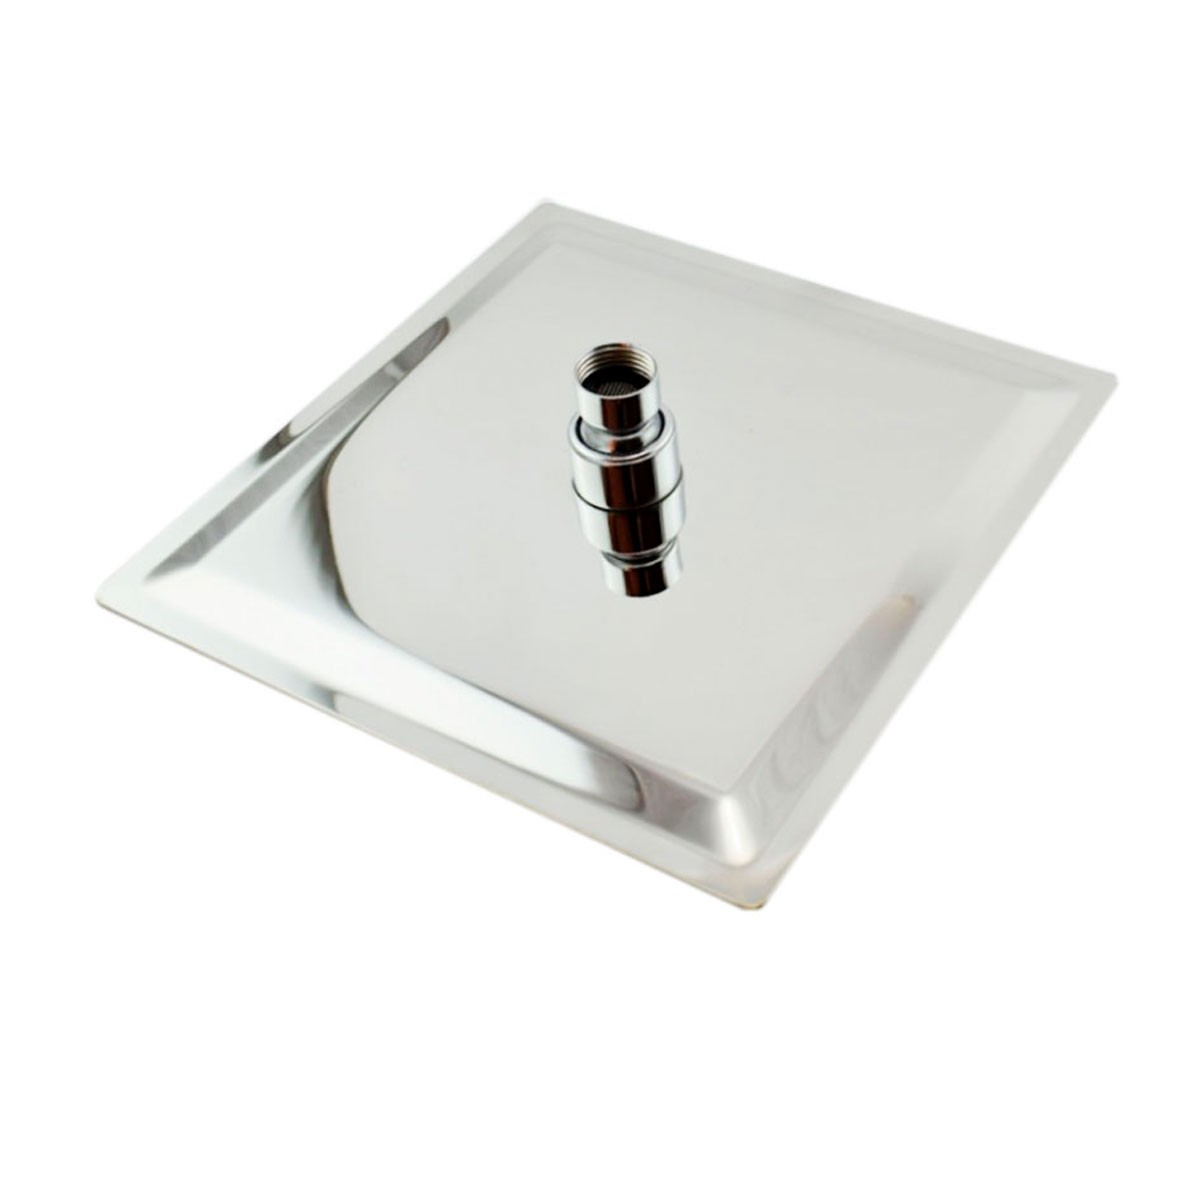 Ducha Inox Chuveiro Quadrada 25x25 cm